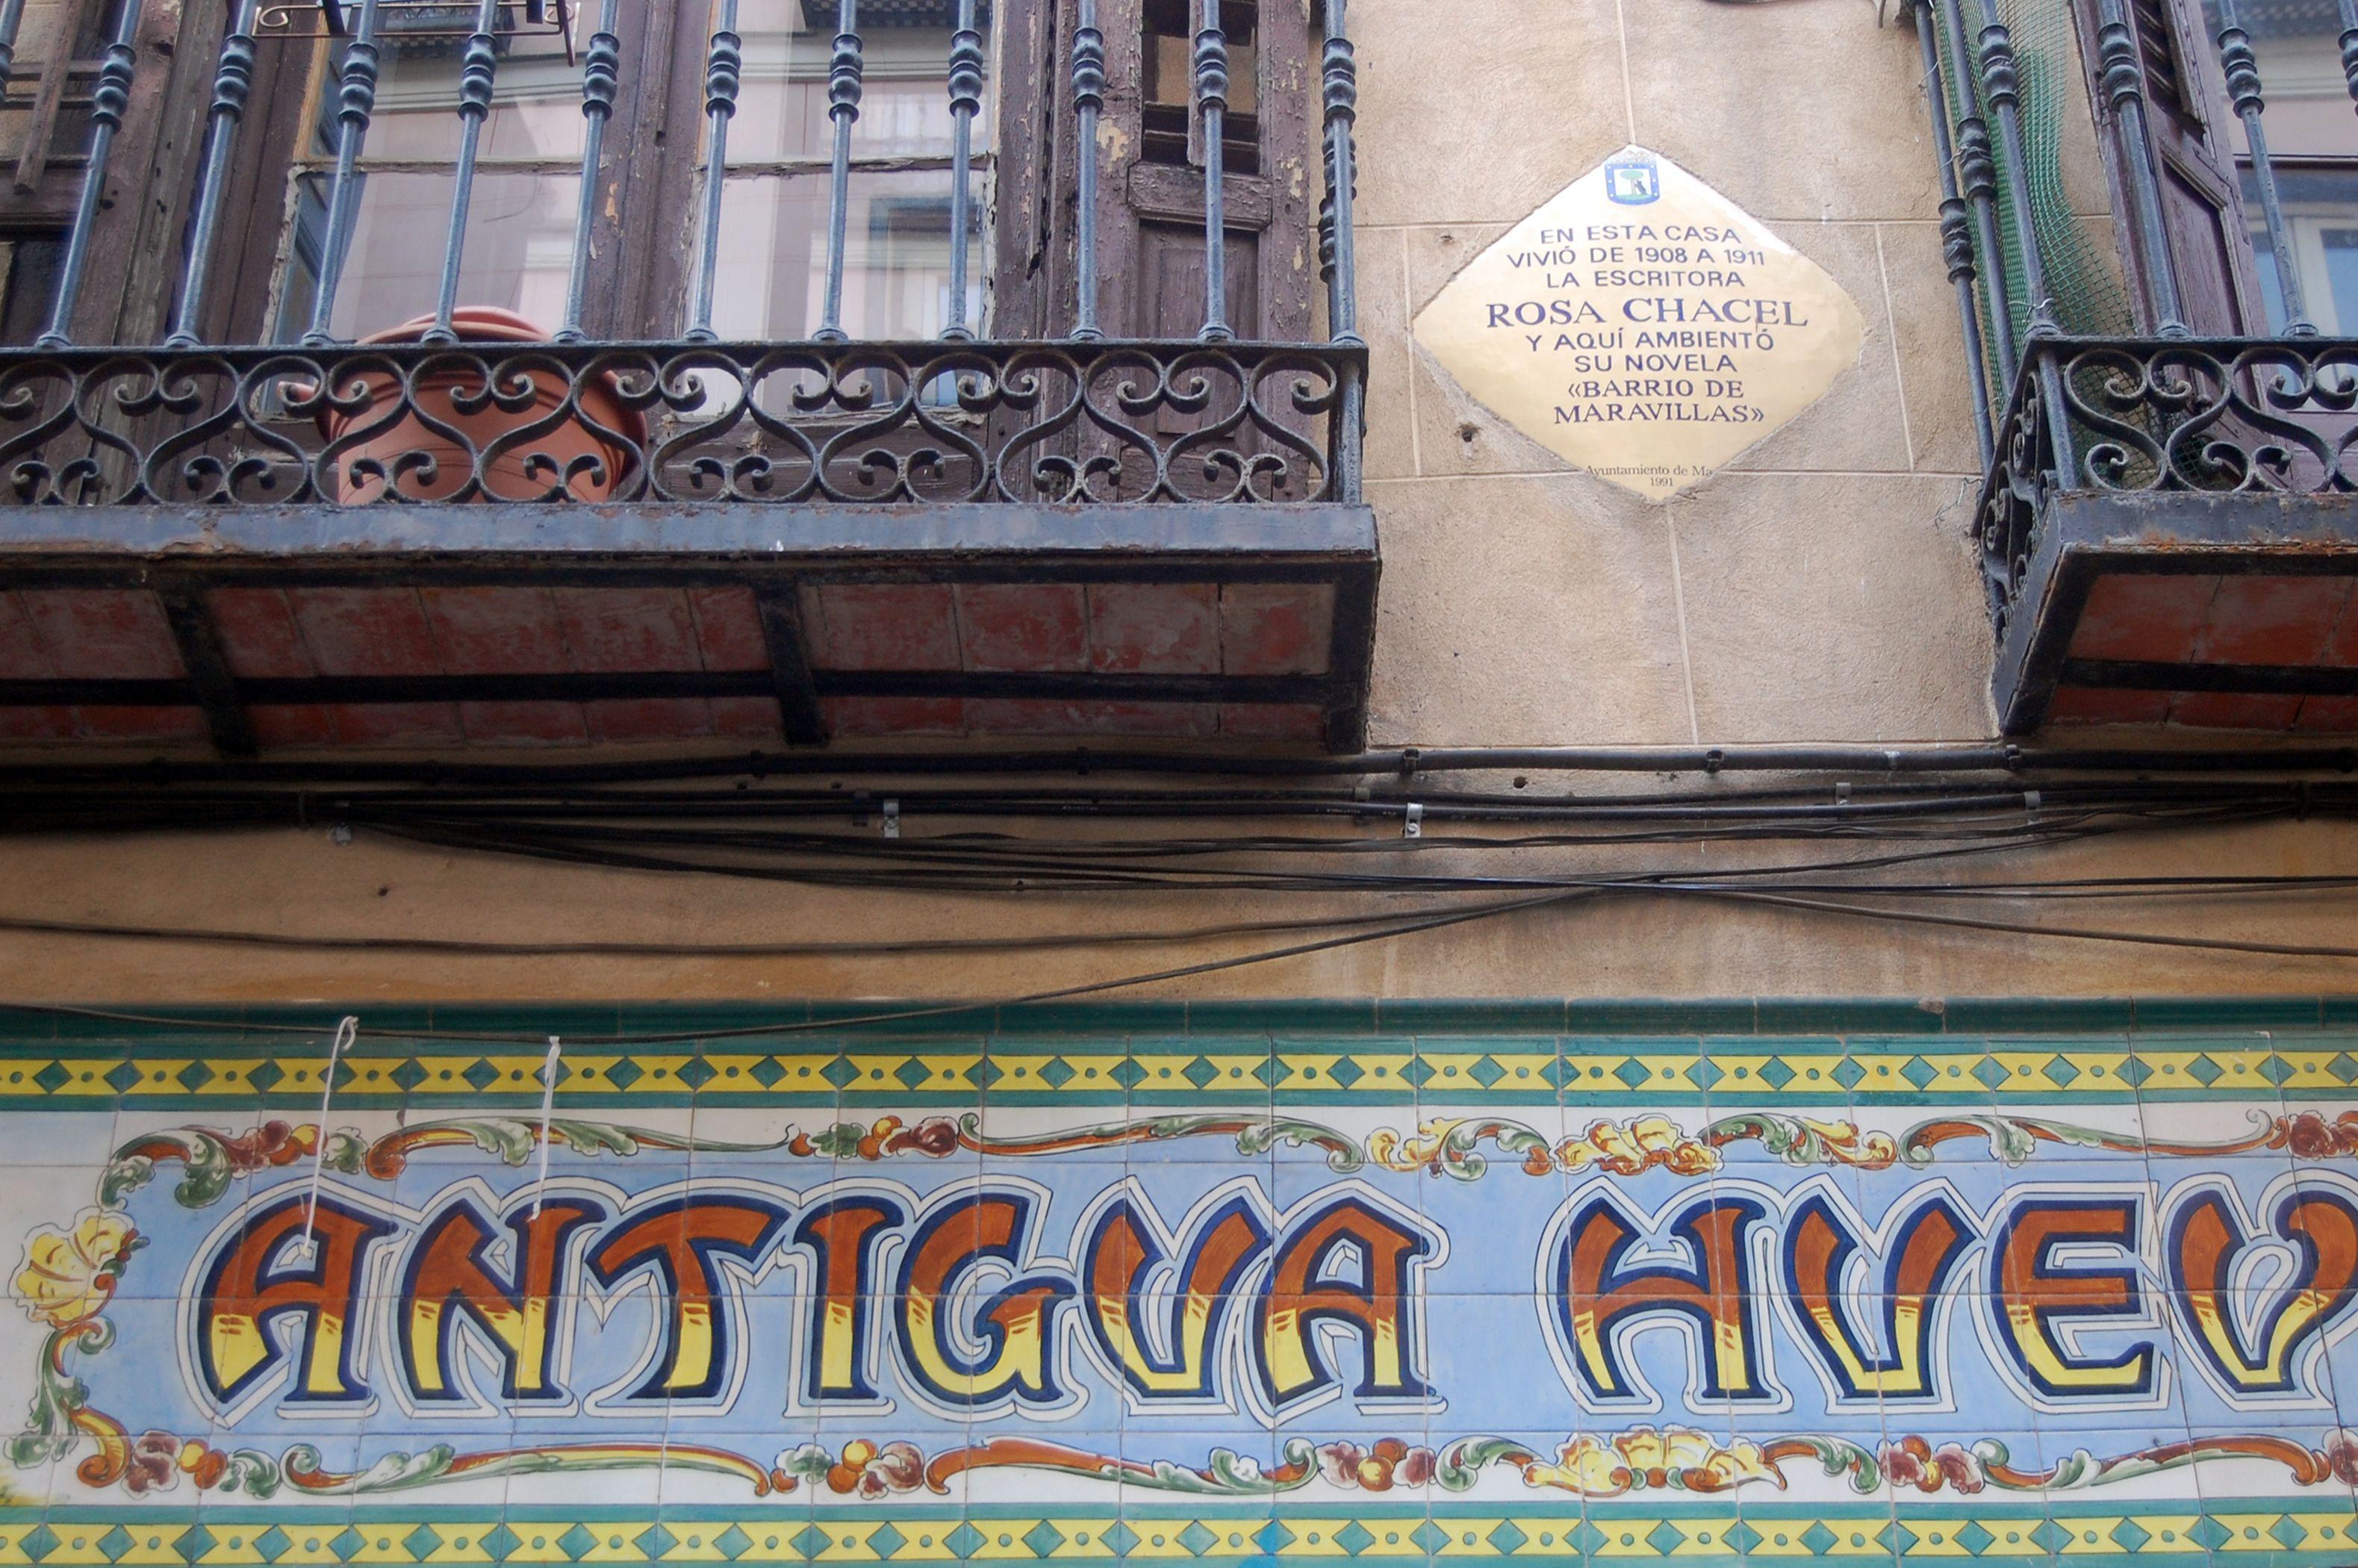 Aquí fue ambientada la novela de Rosa Chacel 'Barrio de Maravillas' (1976) y aquí vivió durante unos años de su vida.